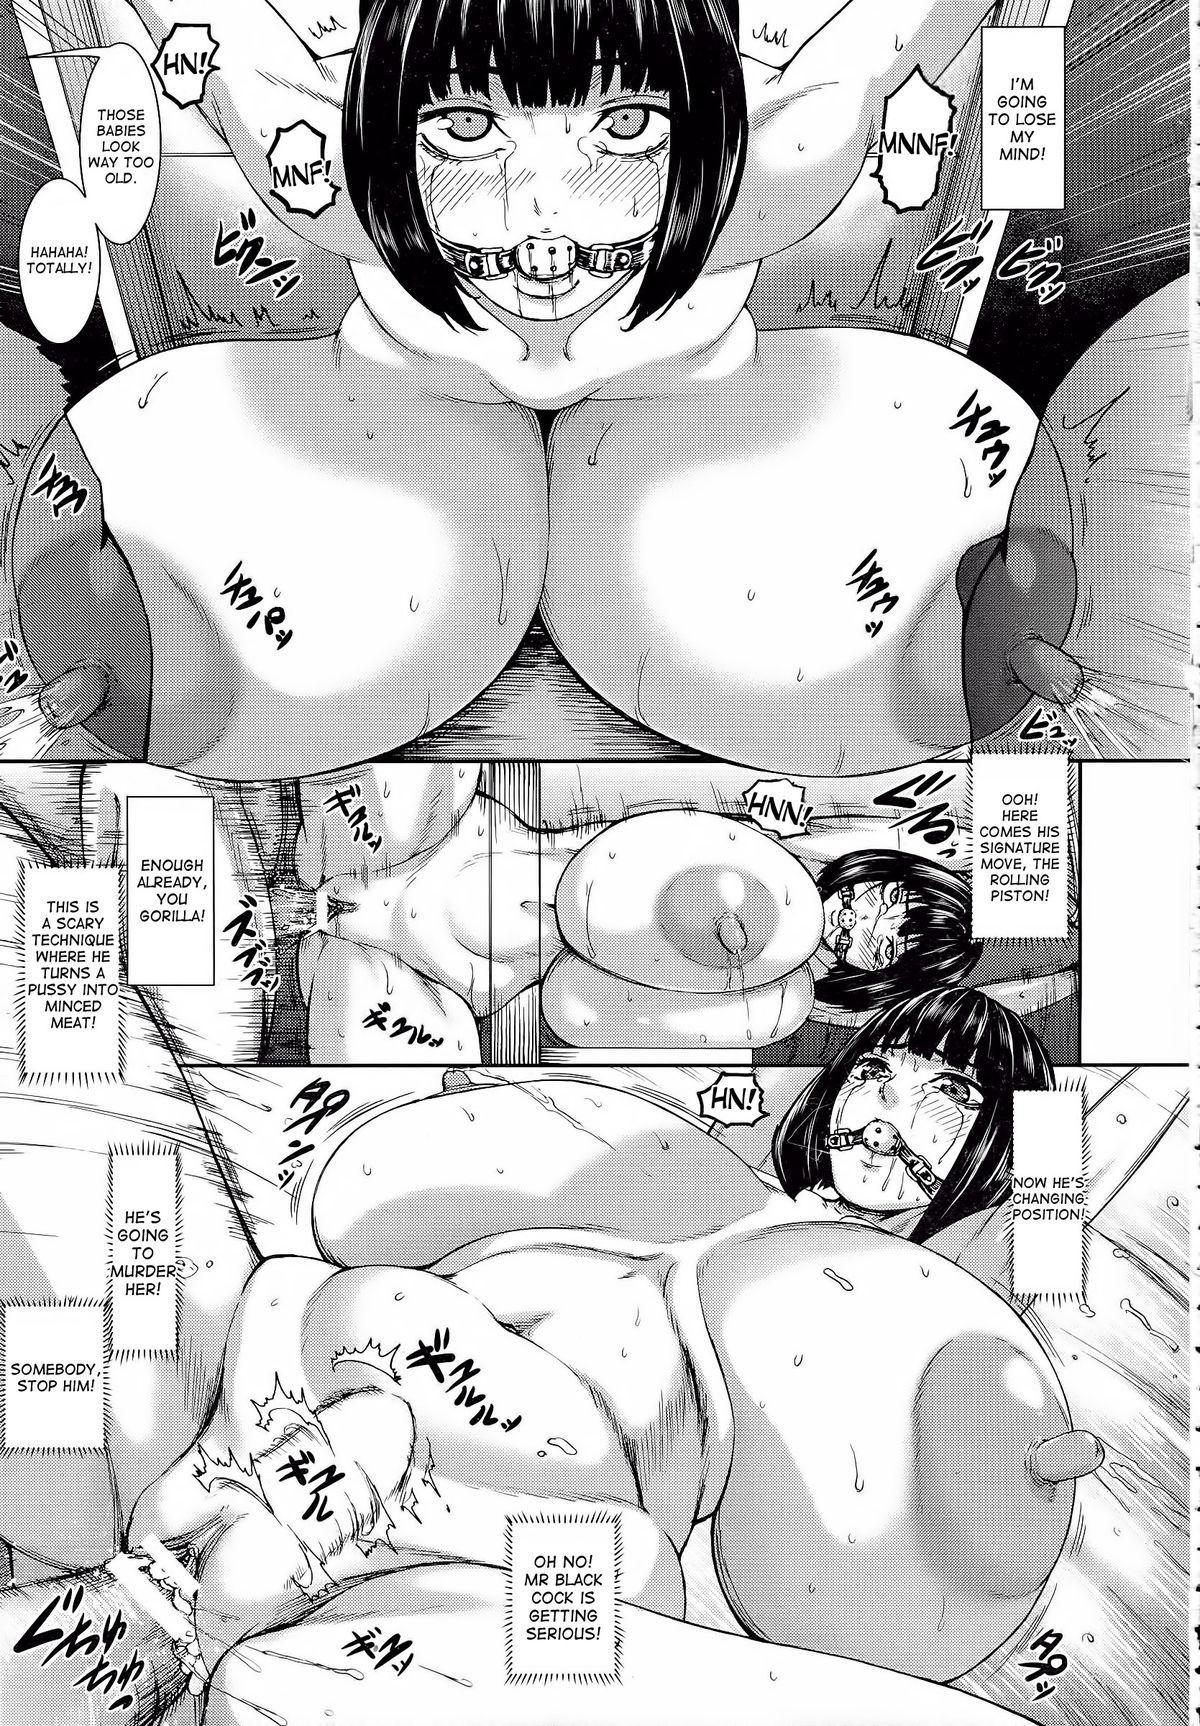 [PIero] Kuroyuki ~Inniku Sakunyuu Jigoku~ Kouhen | Black Snow ~The Depraved Cow-milking Hell~ part 2 (ANGEL Club 2015-05) [English] [desudesu] 16